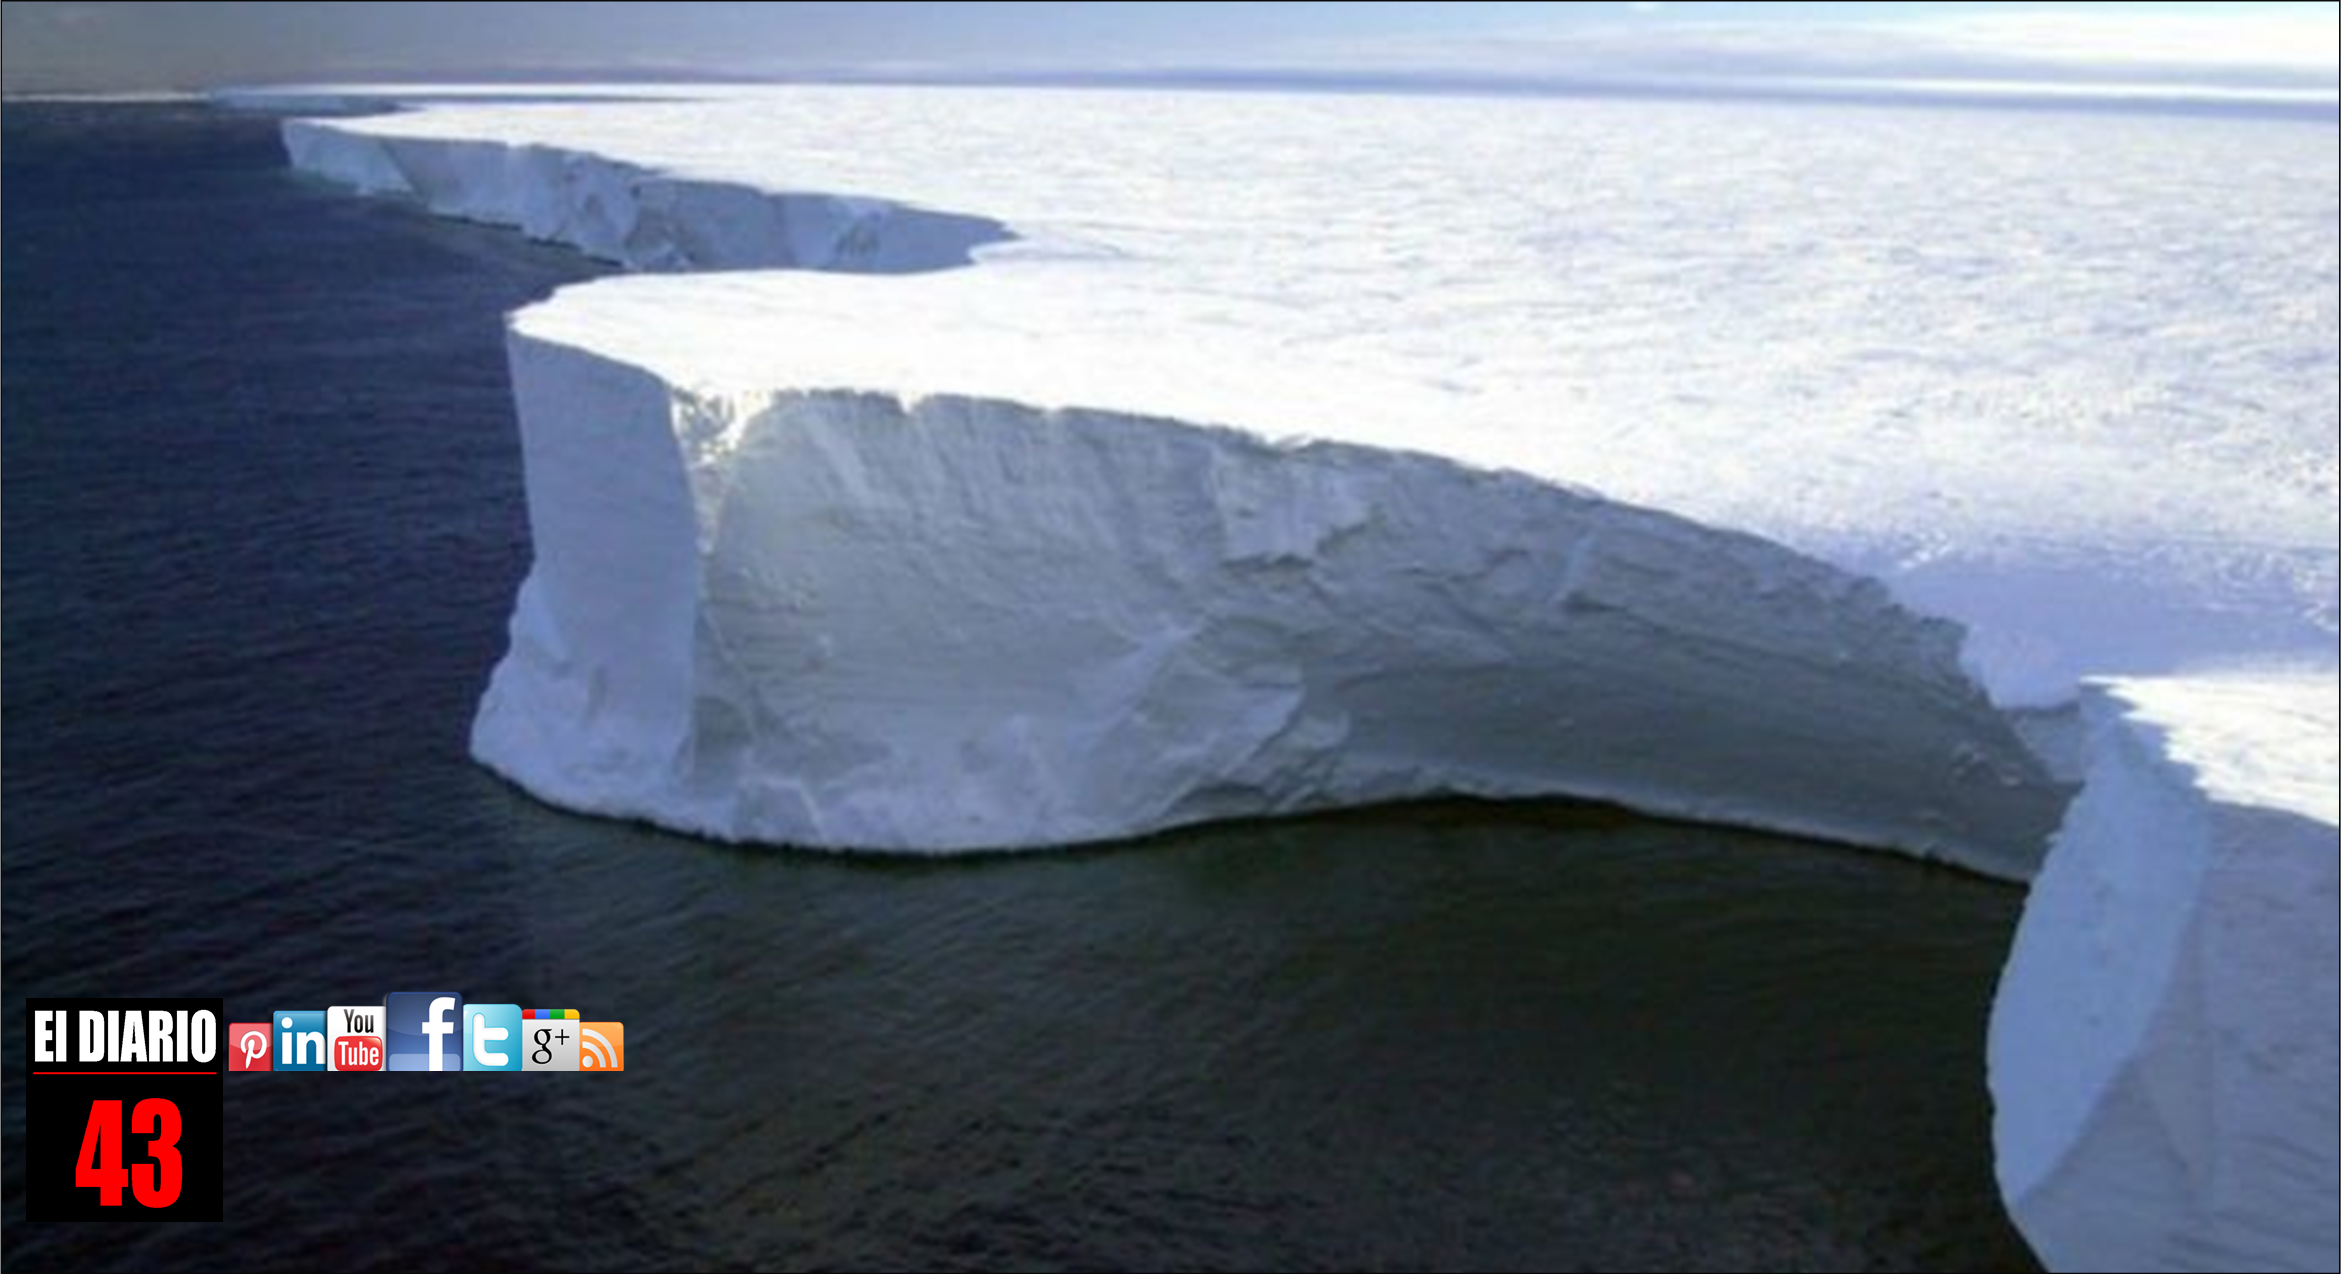 Deshielo del iceberg de la Antártida sería una catástrofe: UNAM